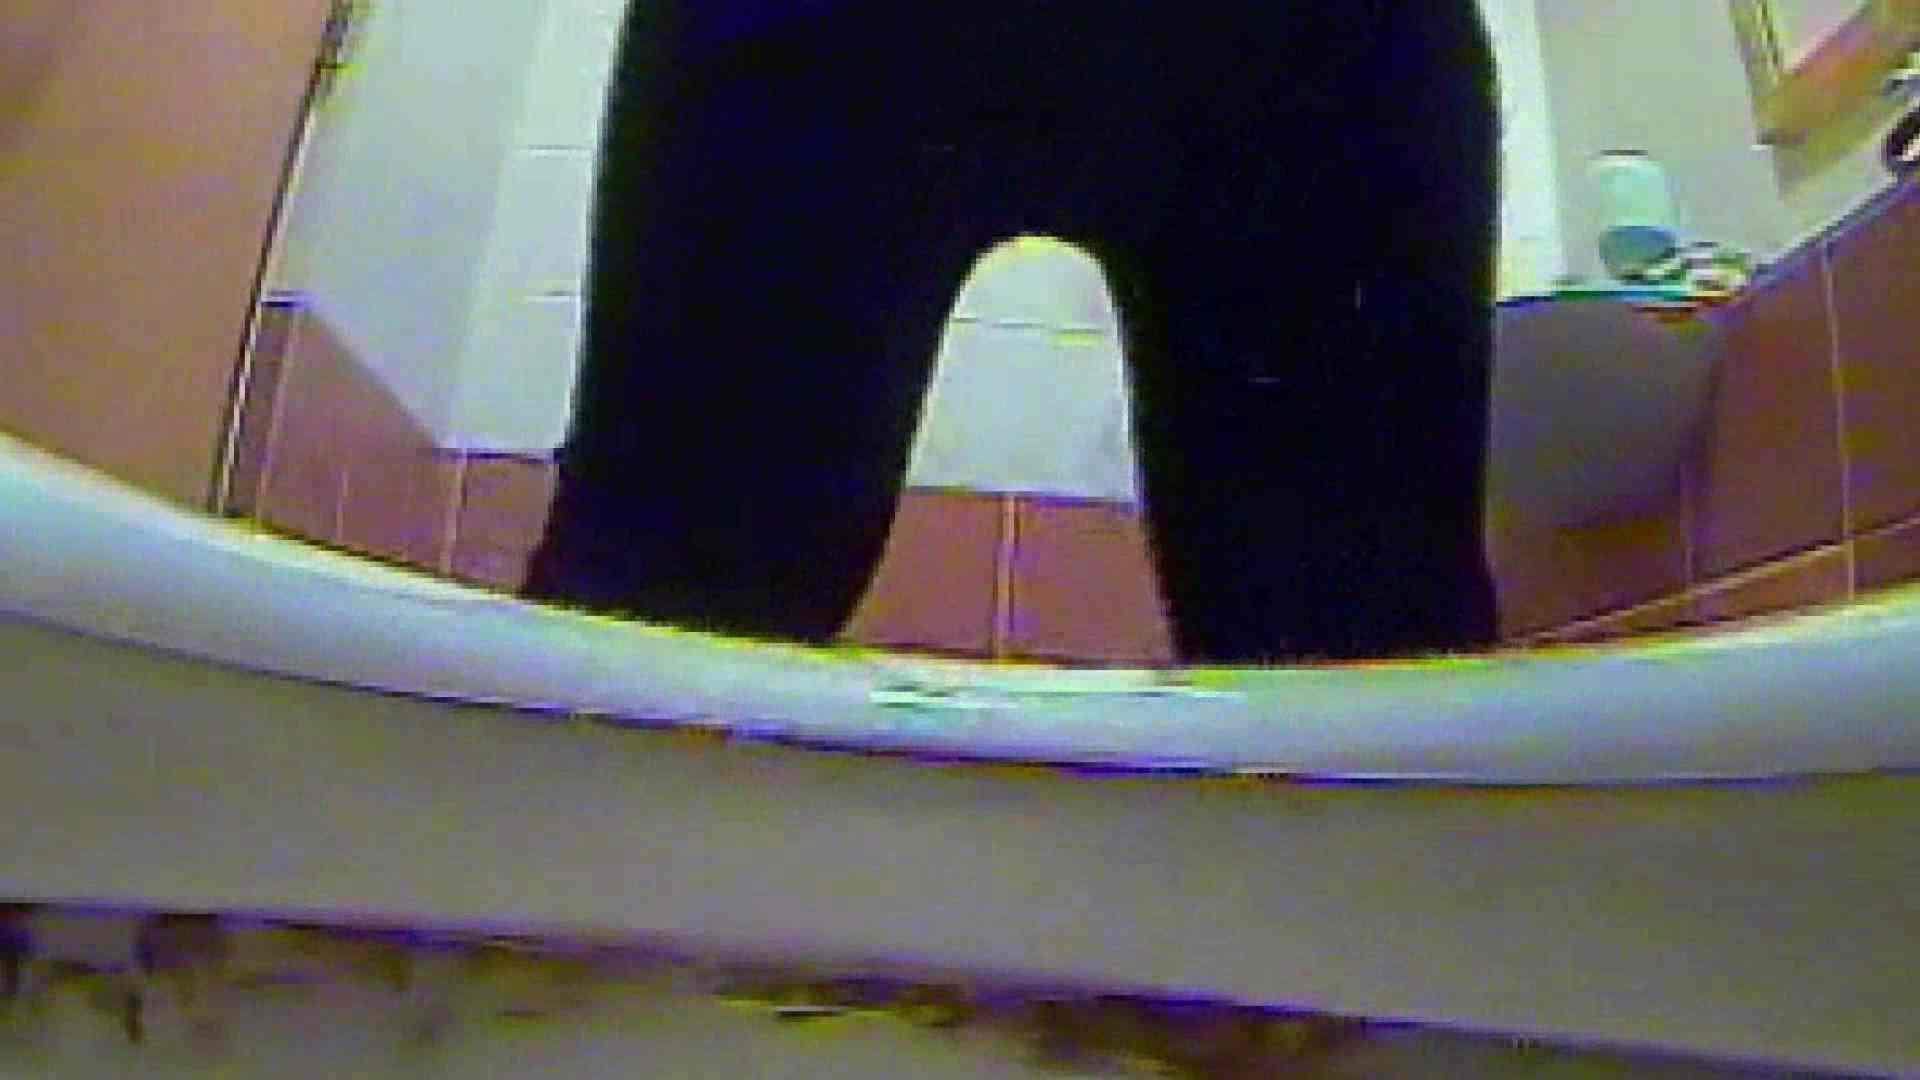 キレカワ女子大生の秘密の洗面所!Vol.018 女子大生 盗撮ワレメ無修正動画無料 79pic 44